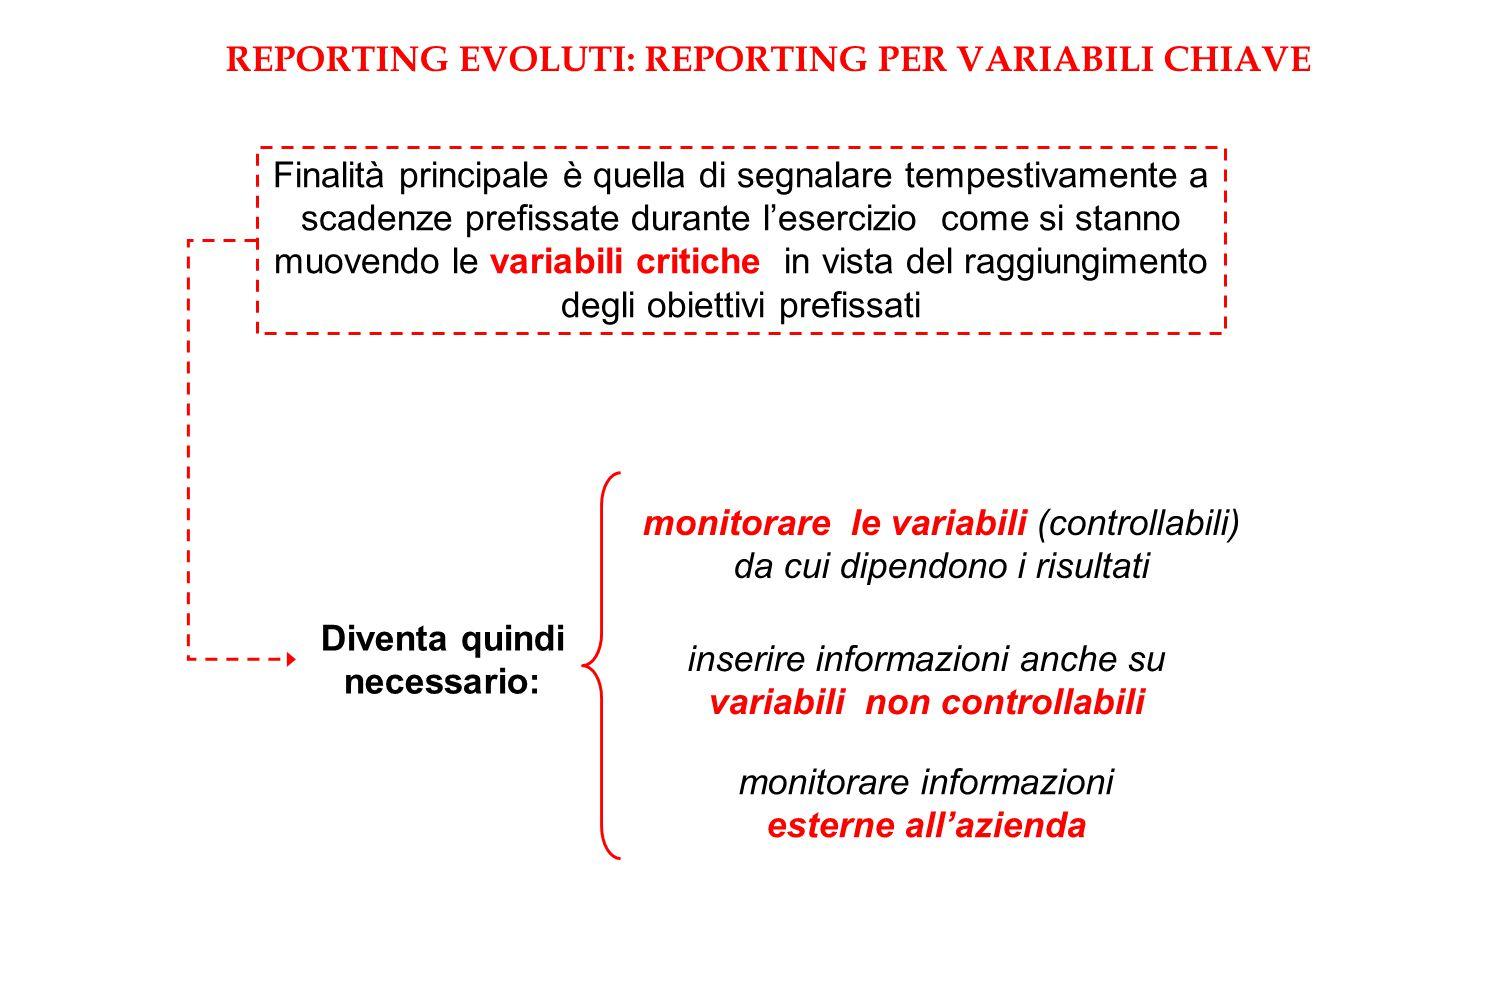 REPORTING EVOLUTI: REPORTING PER VARIABILI CHIAVE